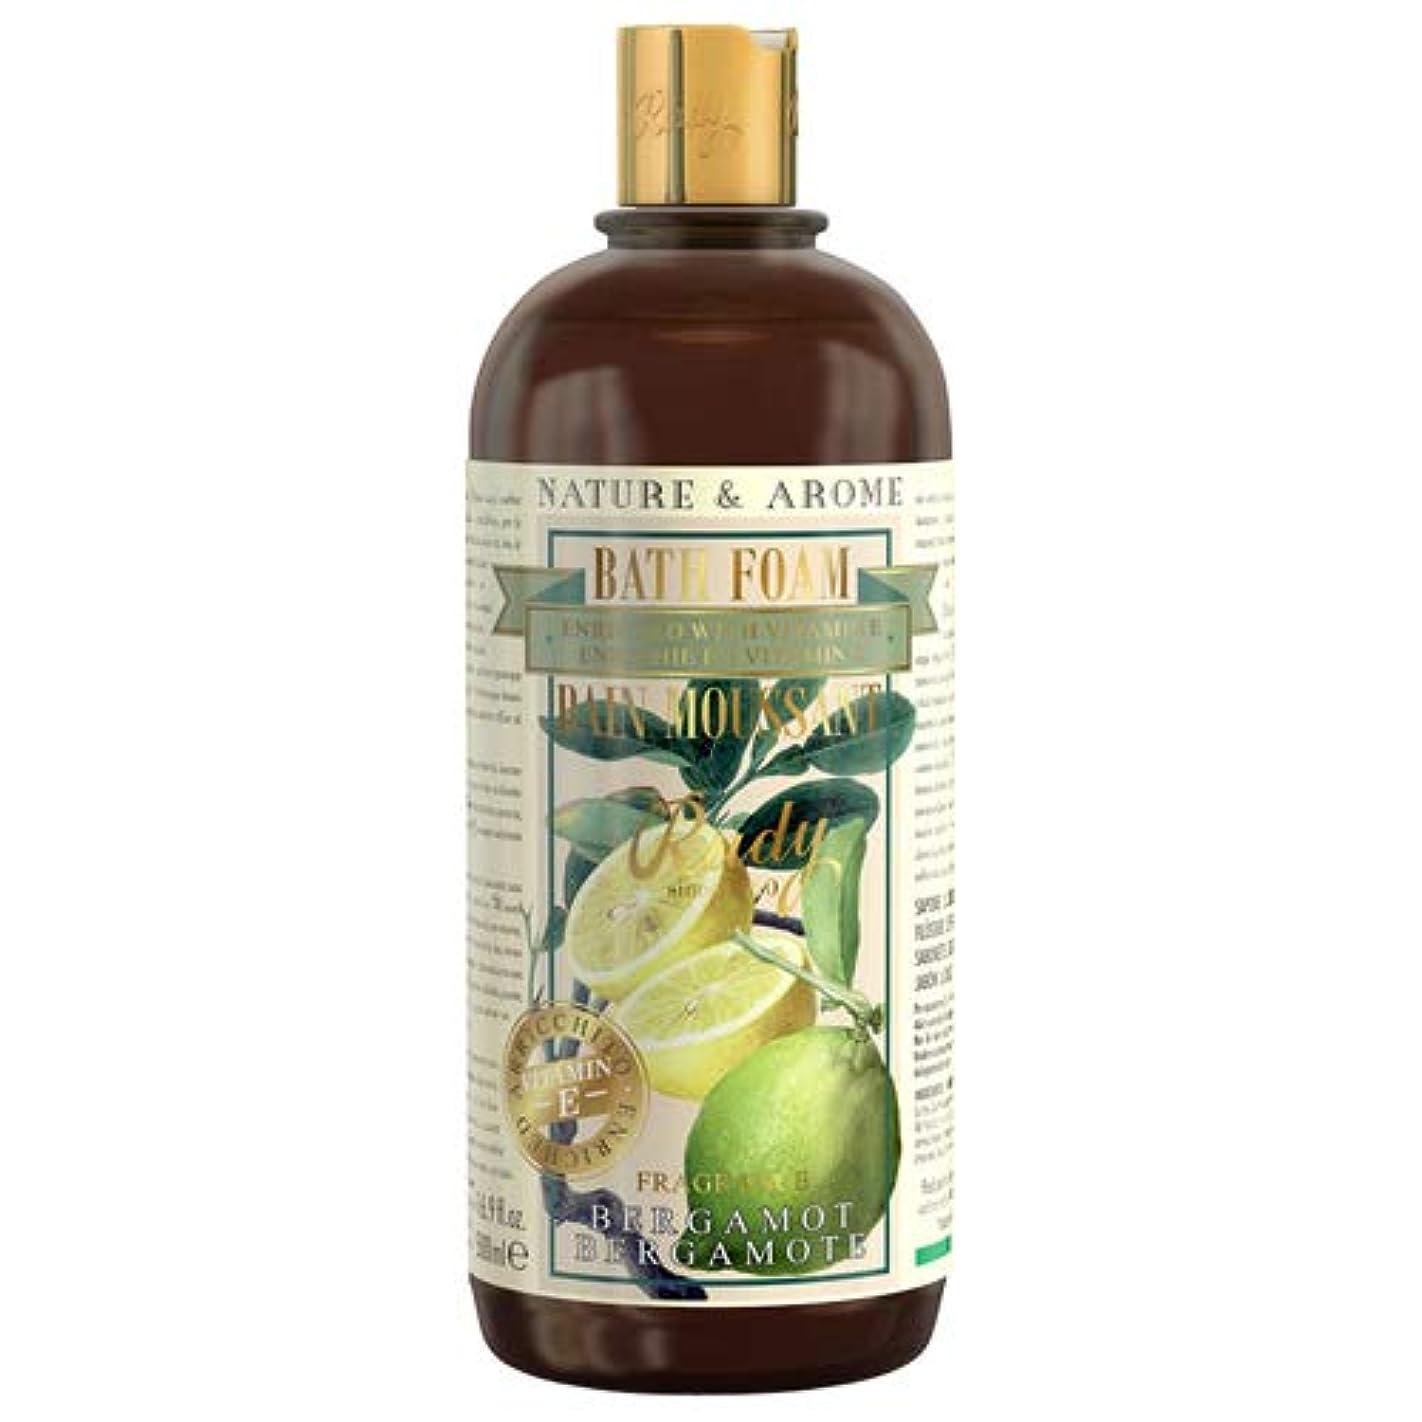 ファンサービス士気RUDY Nature&Arome Apothecary ネイチャーアロマ アポセカリー Bath & Shower Gel バス&シャワージェル Bergamot ベルガモット